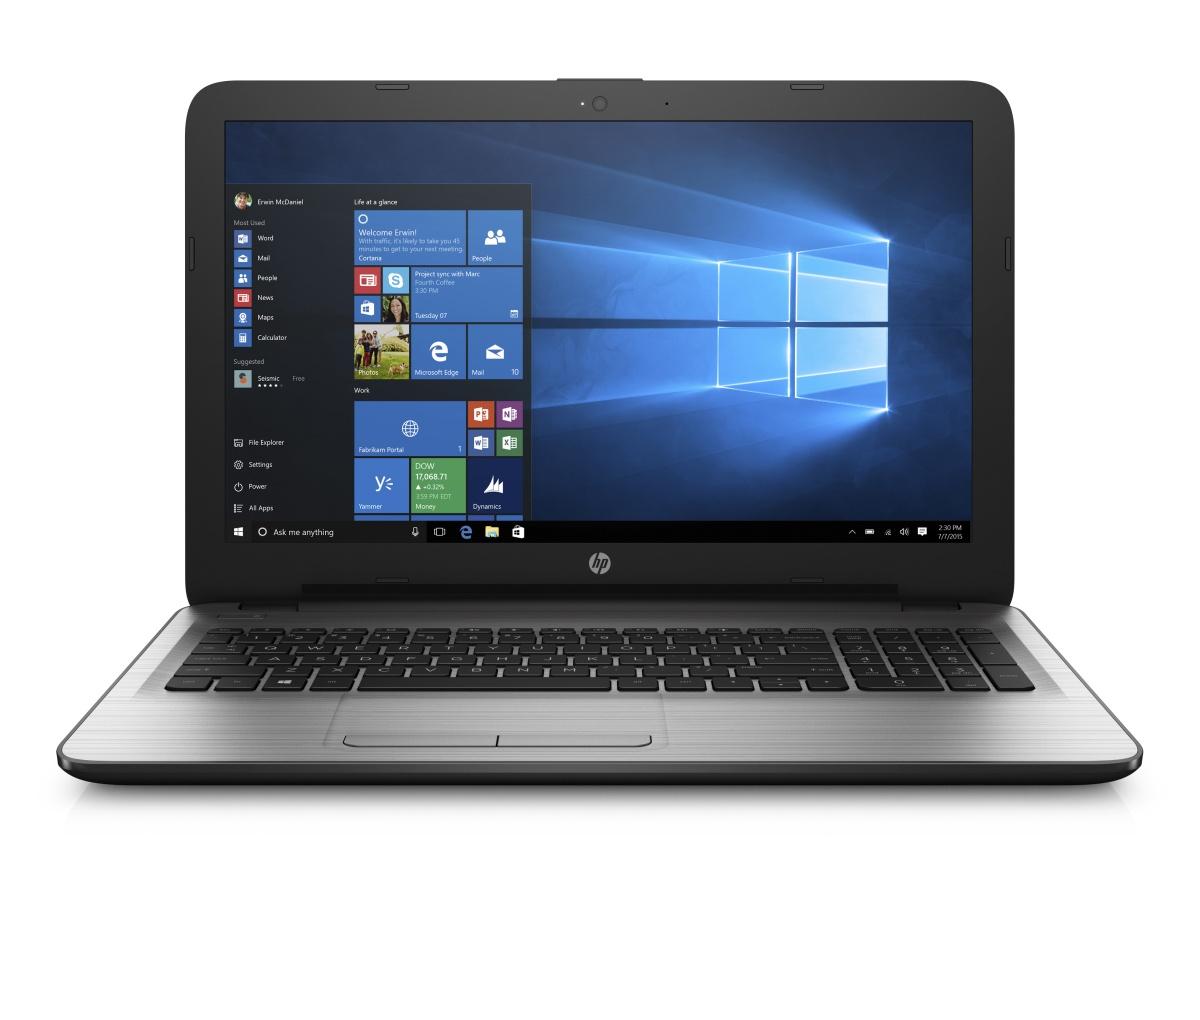 HP 250 G5 i5-6200U/4GB/256GB SSD/15,6'' FHD/Win 10/silver